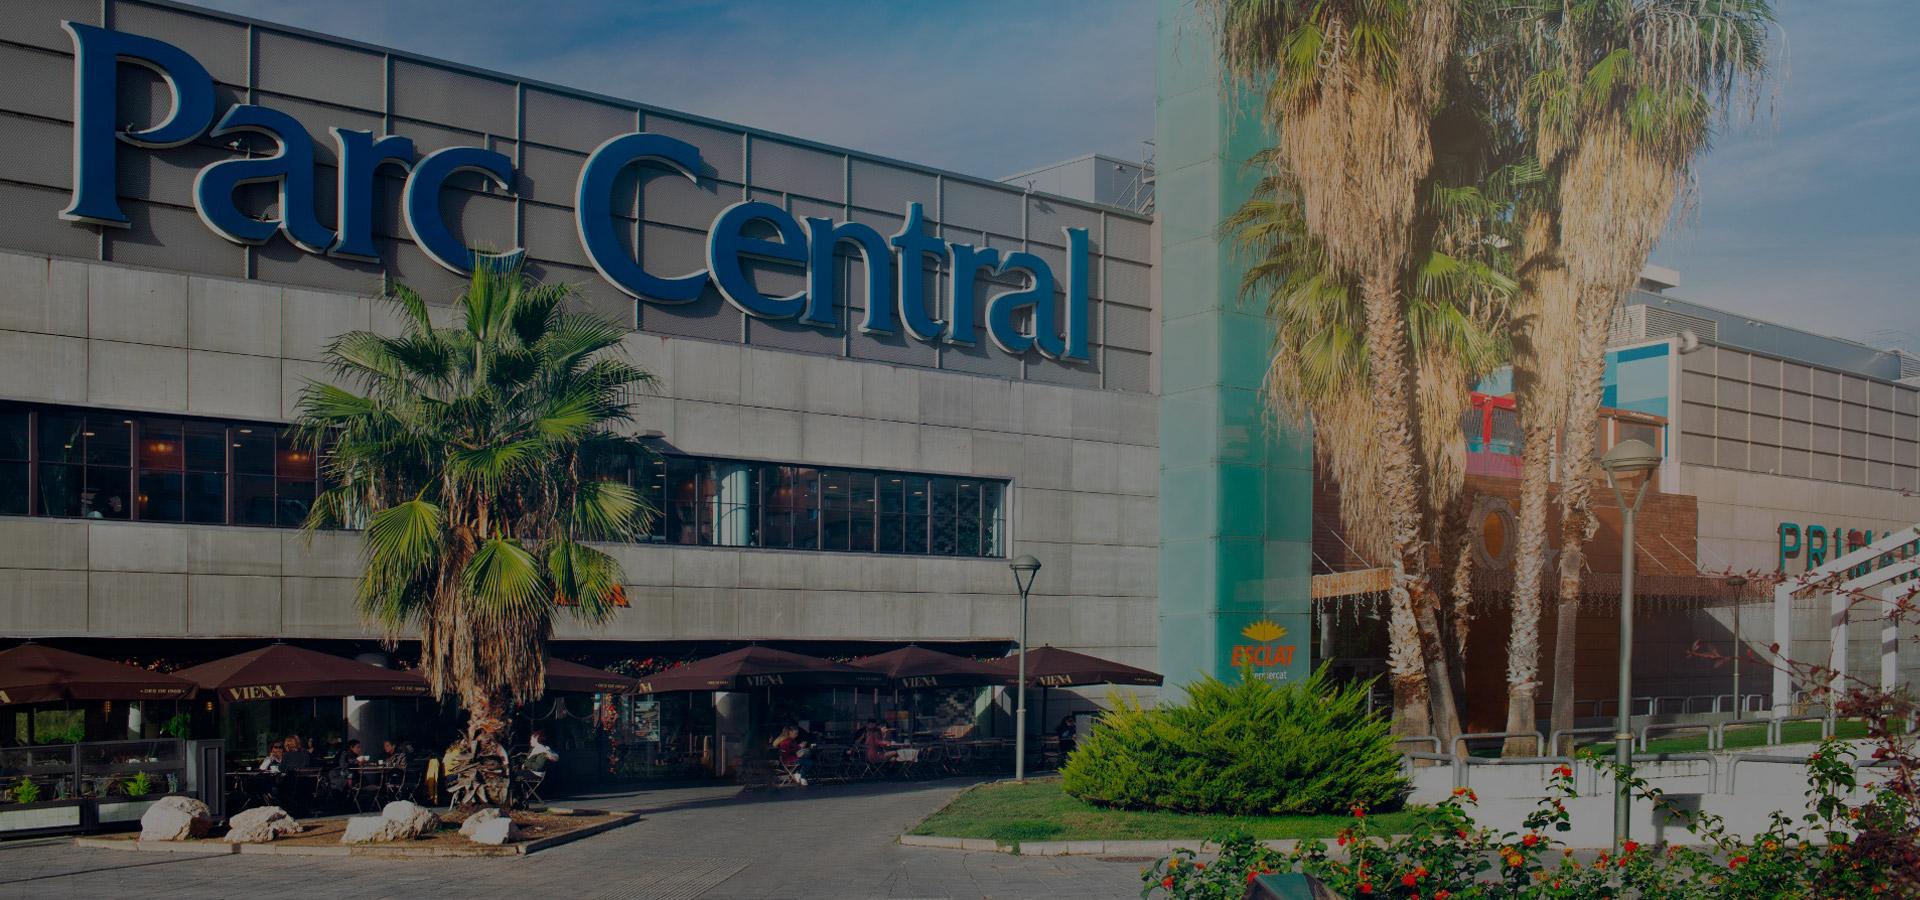 Inicio-Gestion-Aparcamiento-Centro-Comercial-Parc-Central